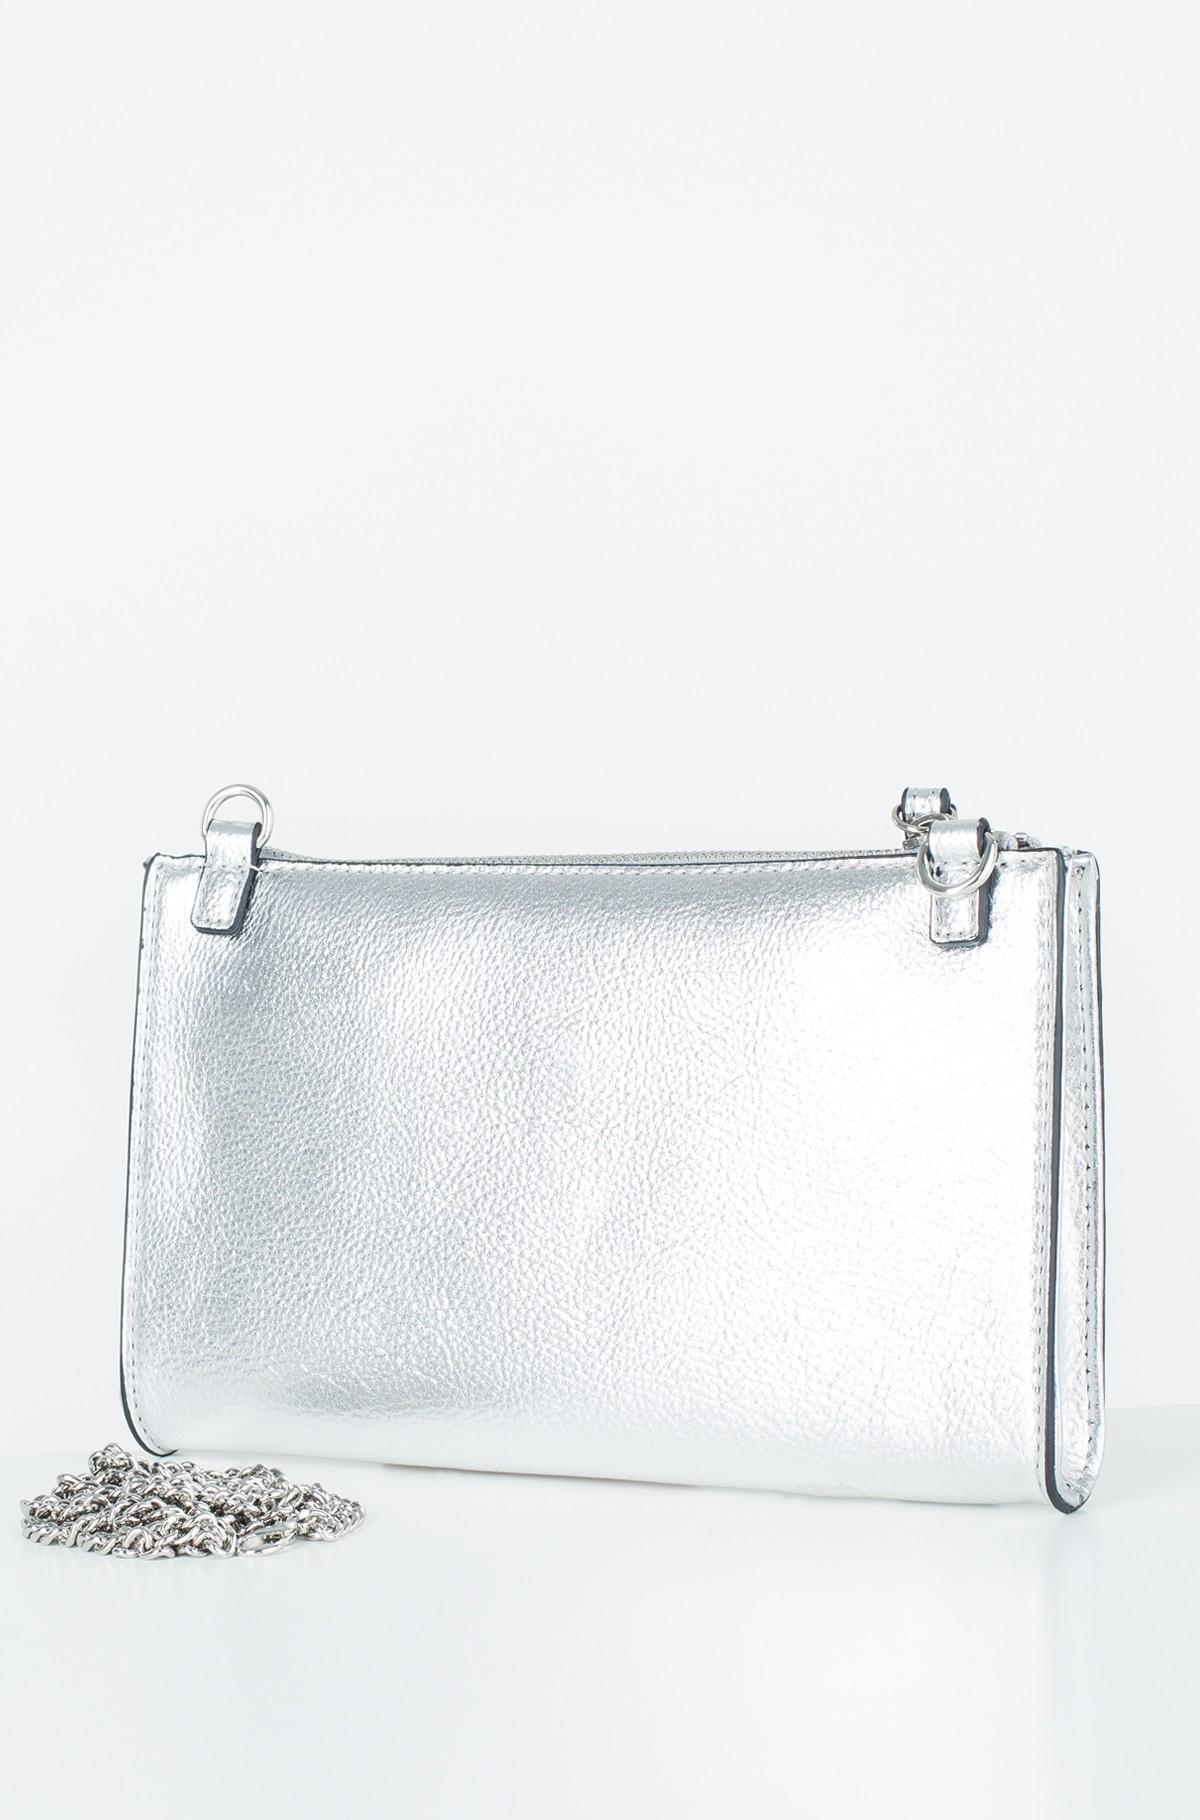 Shoulder bag HWME68 76690-full-2